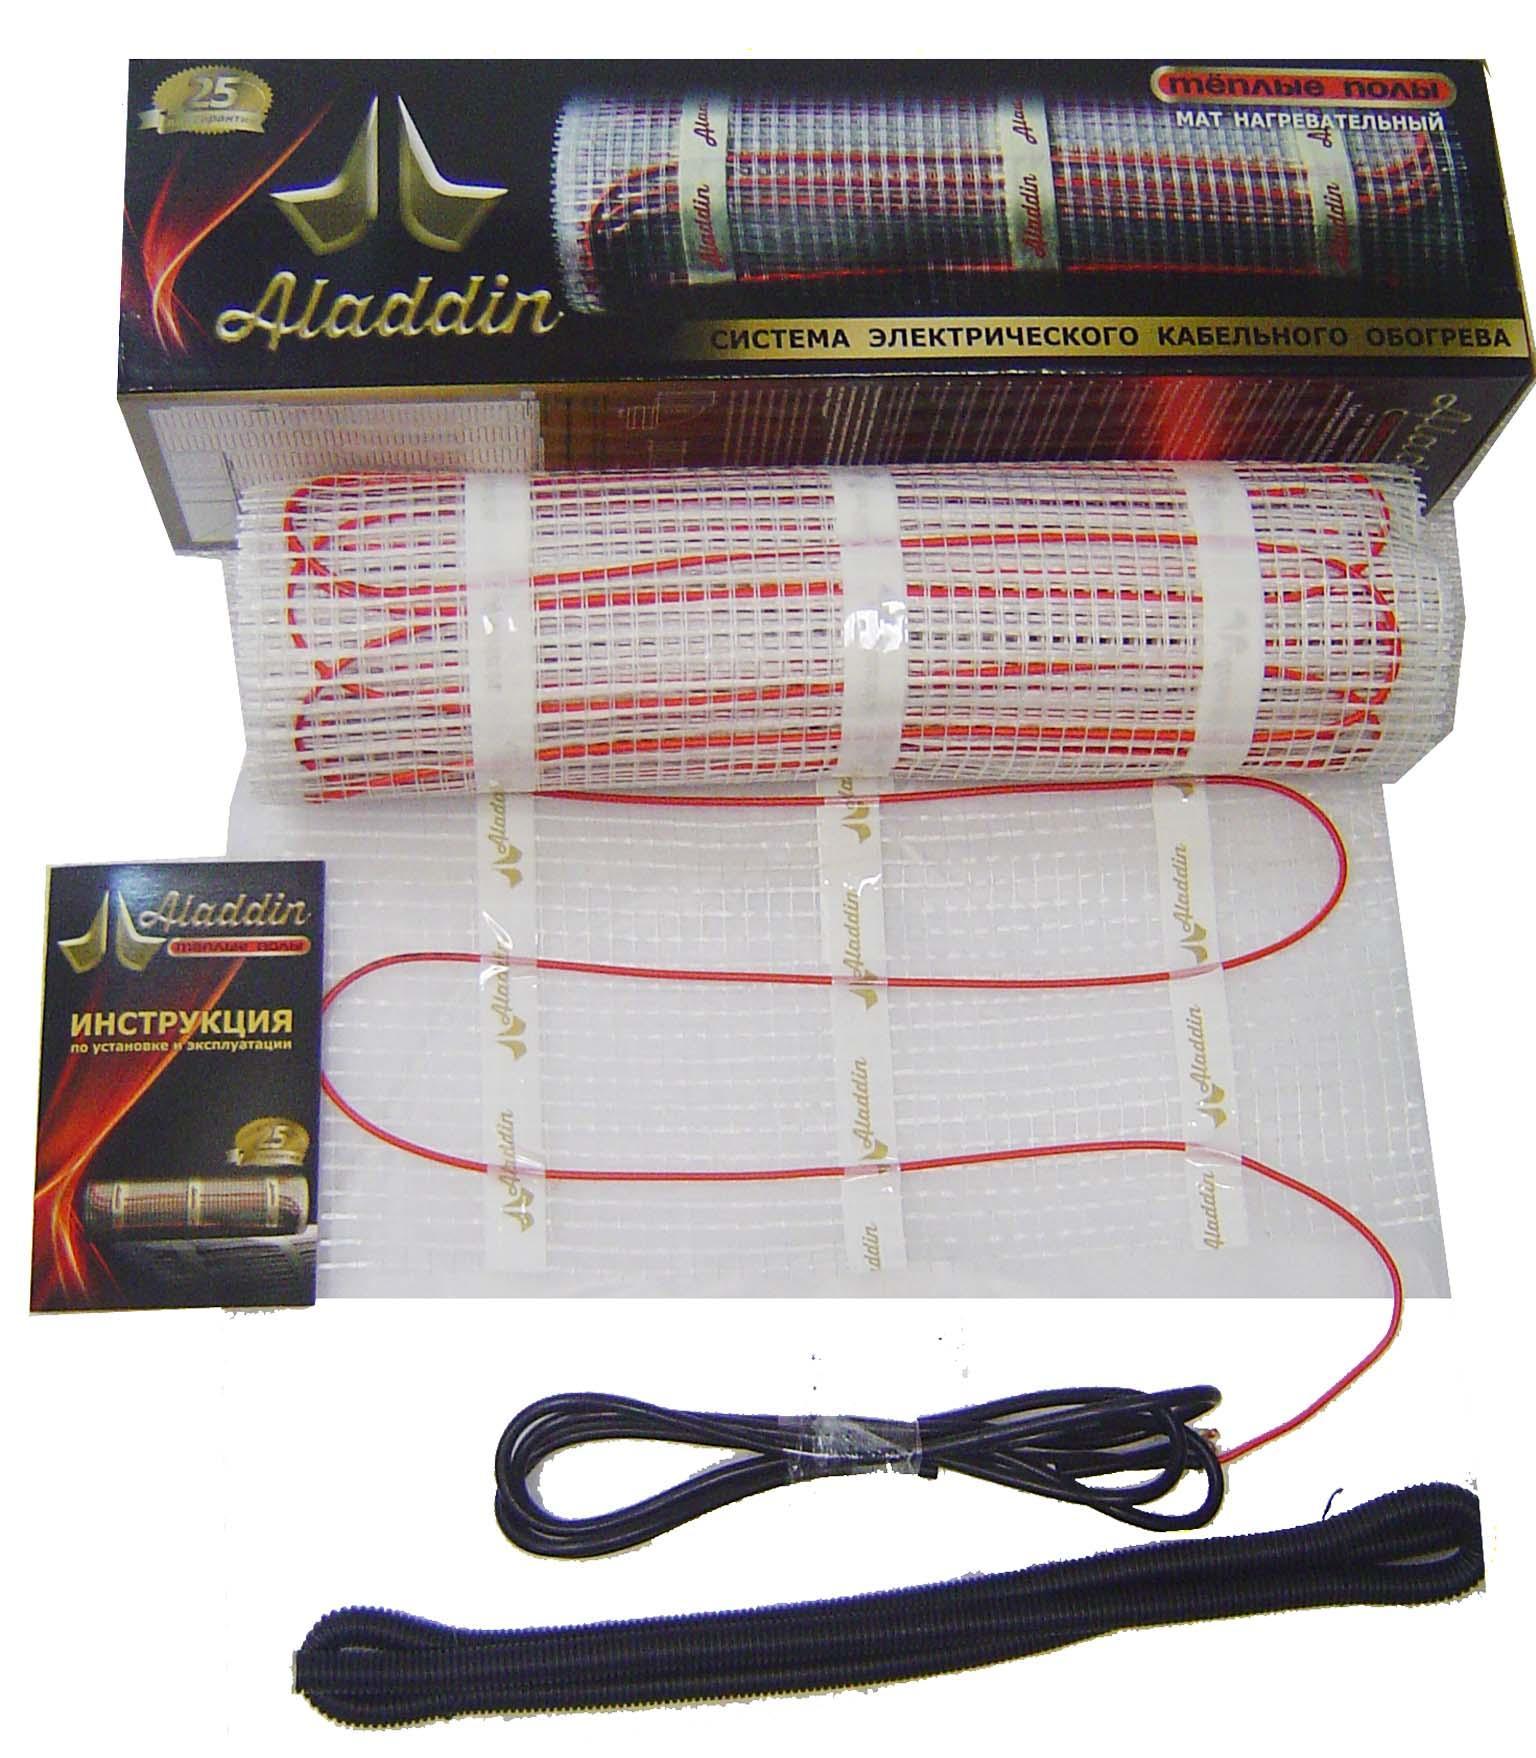 Нагревательный кабель ALADDIN HMT-3,5-525 Ватт